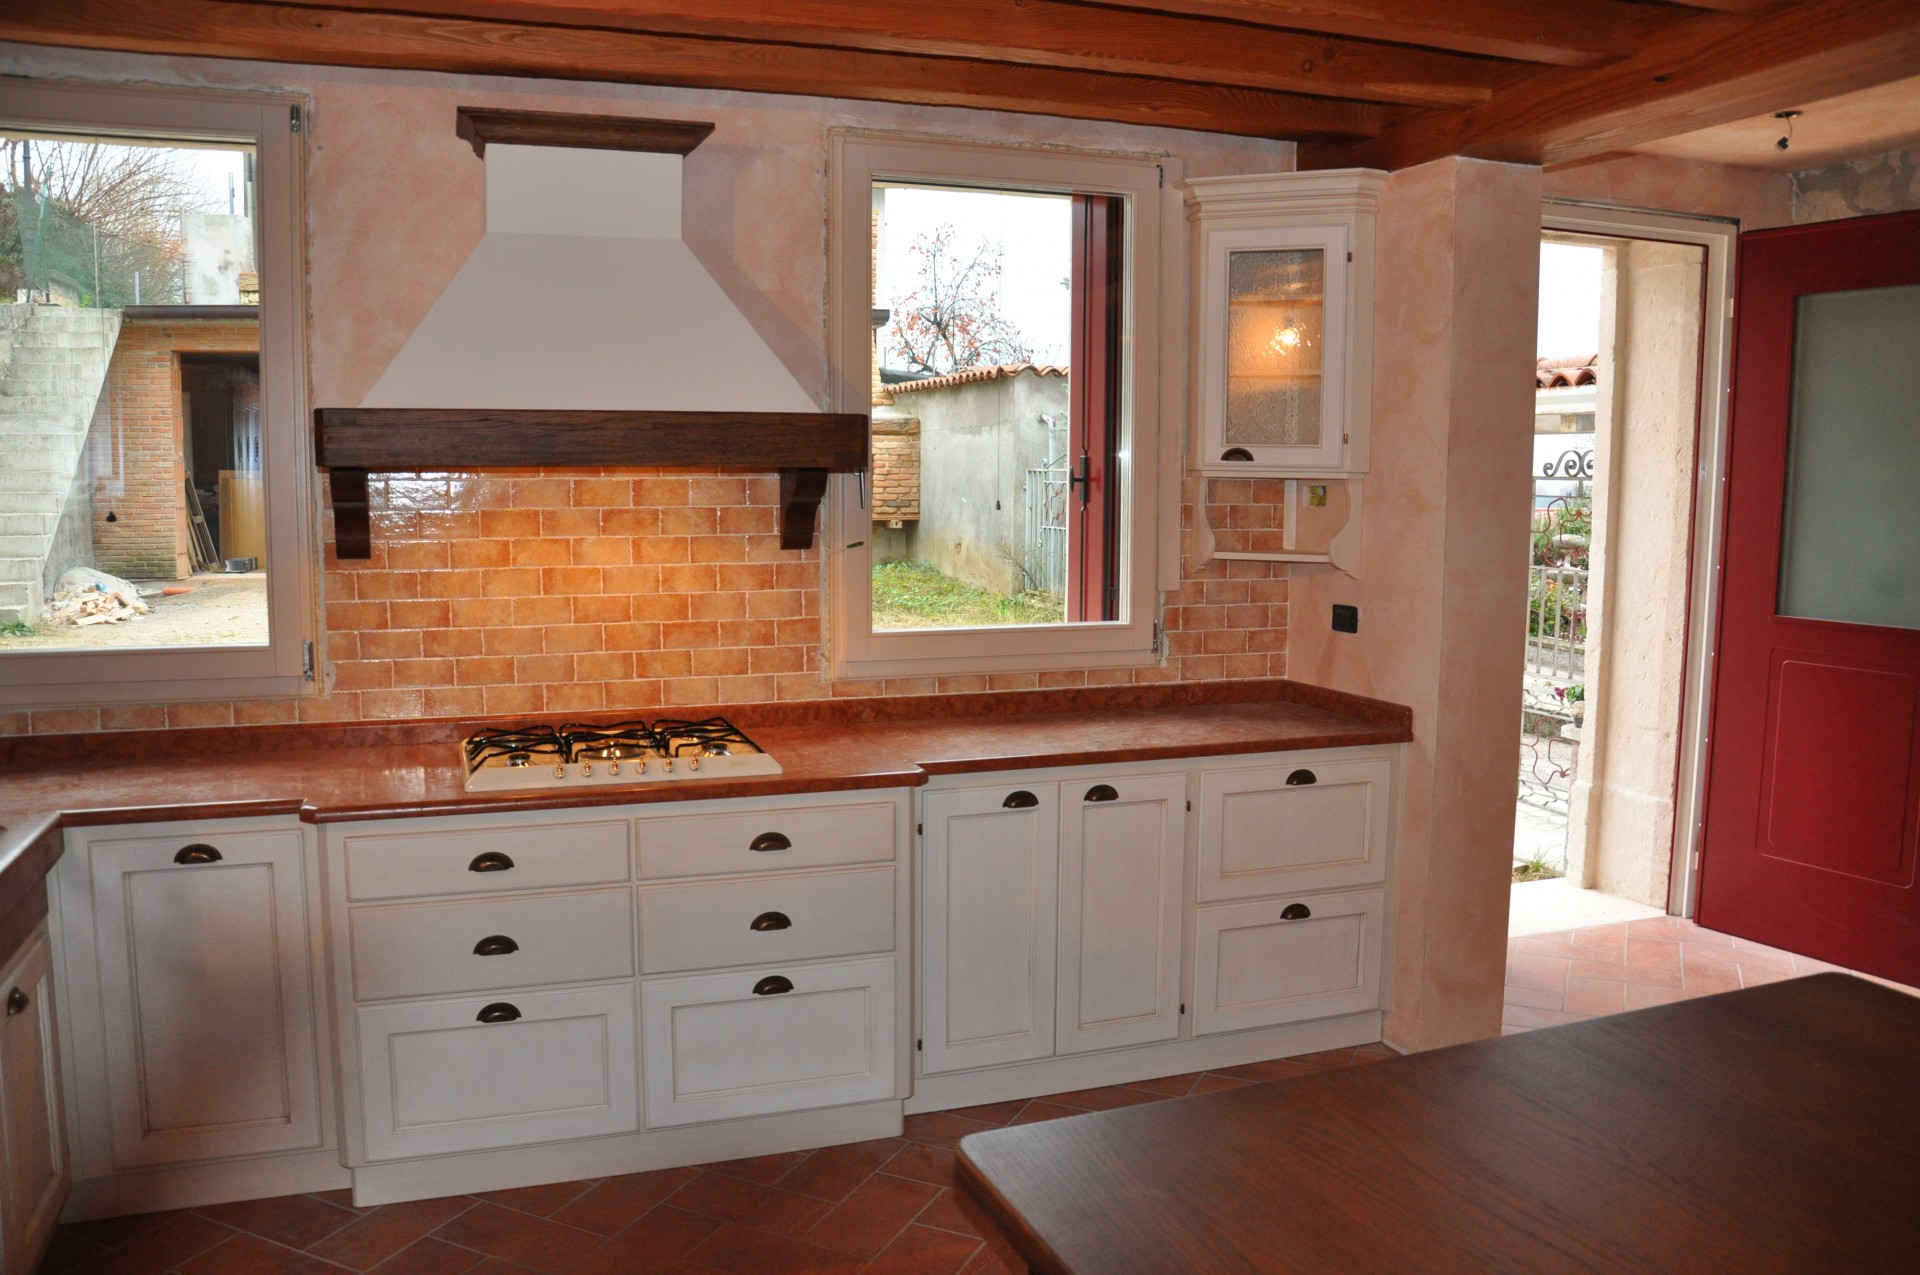 Cappe Da Cucina Rustiche - Idee Per La Casa - Douglasfalls.com